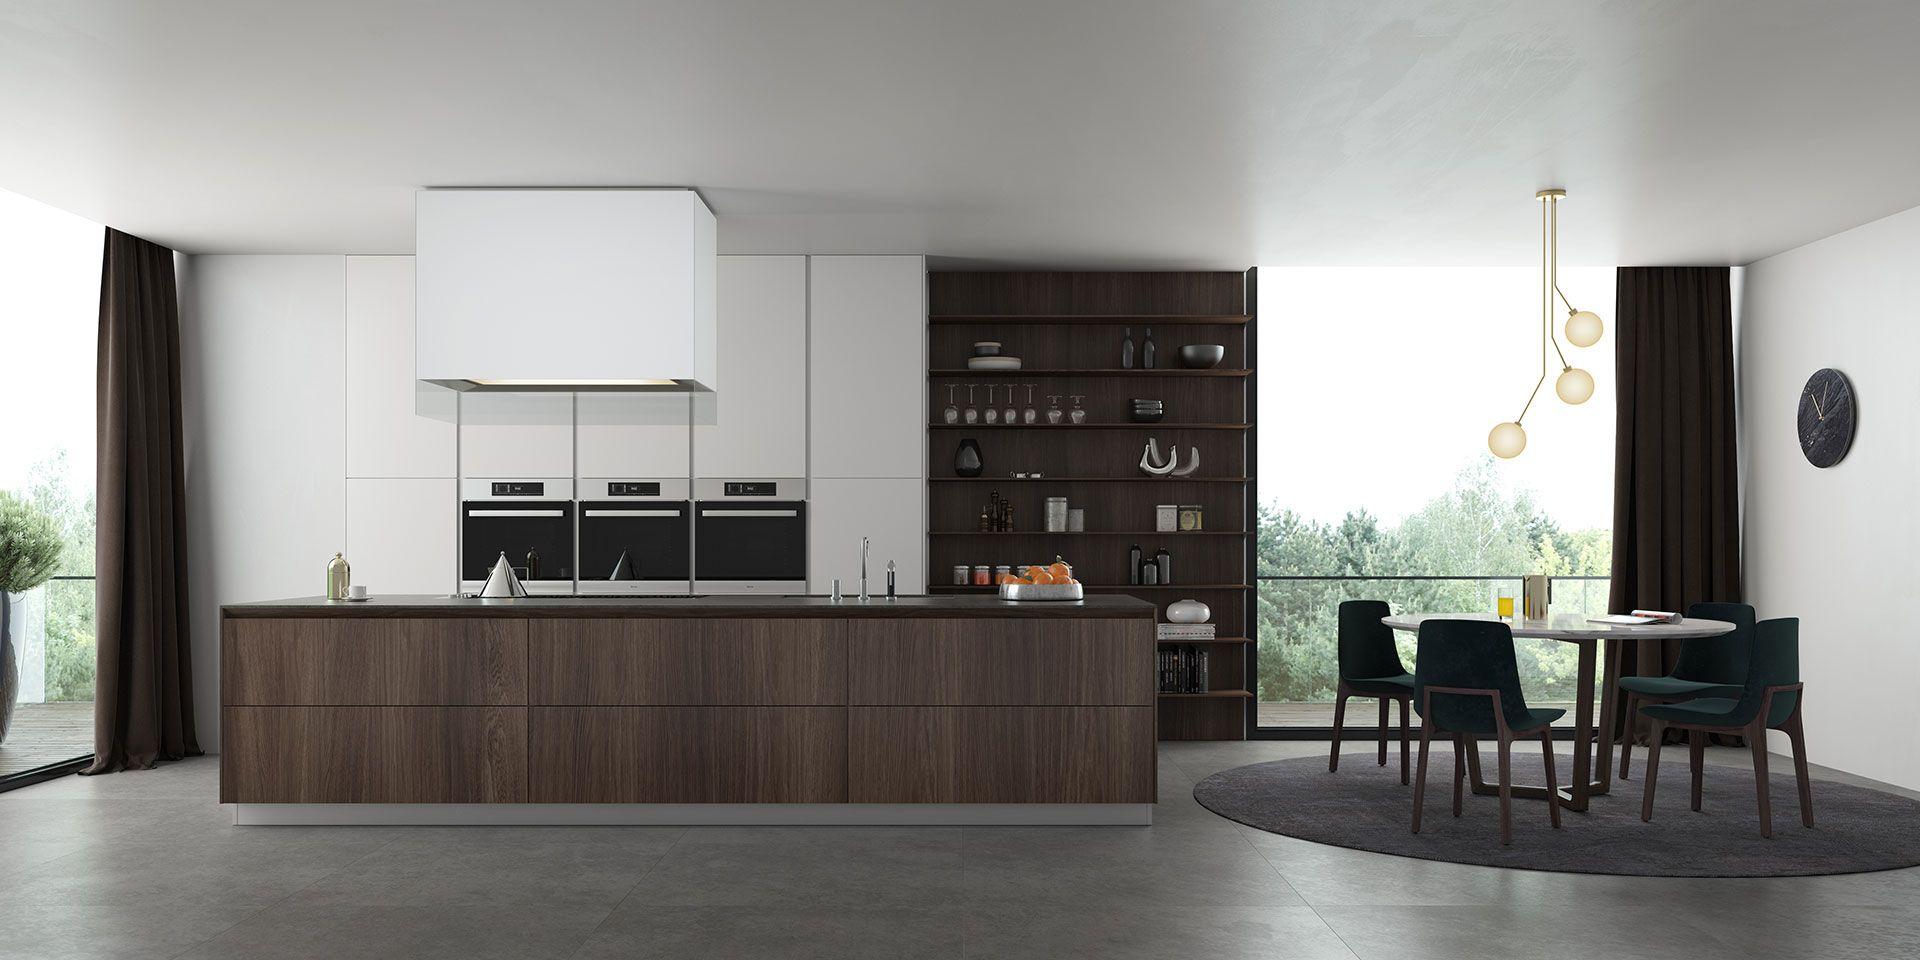 Poliform pesquisa google kitchen pinterest architecture